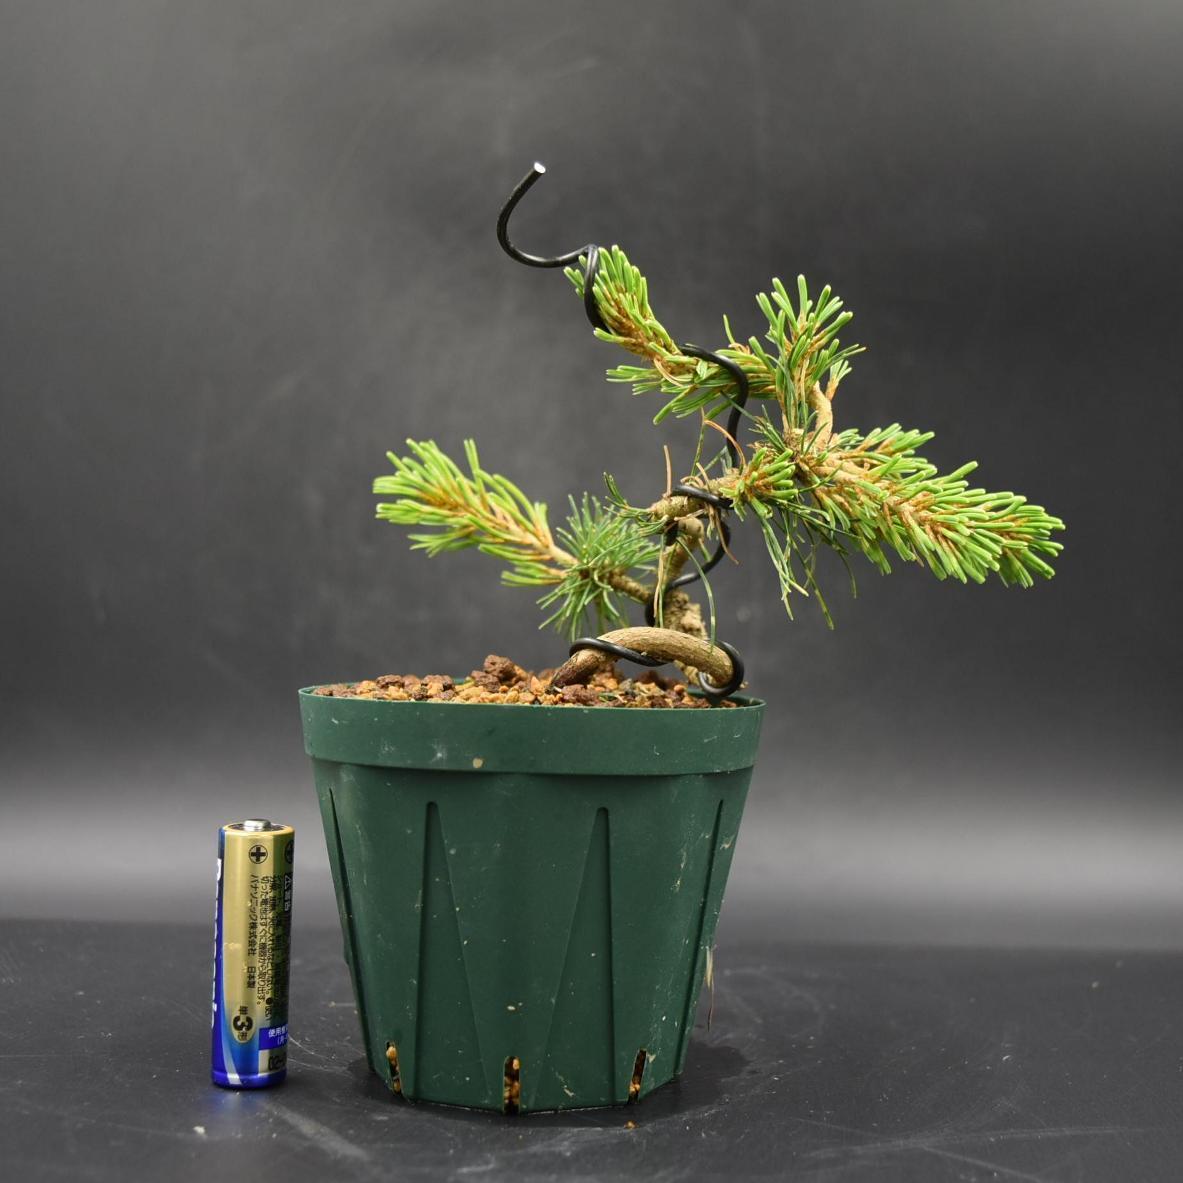 斑入り五葉松 【花火】 ミニ盆栽素材 数量物 樹形色々 樹高9cm #619_画像2